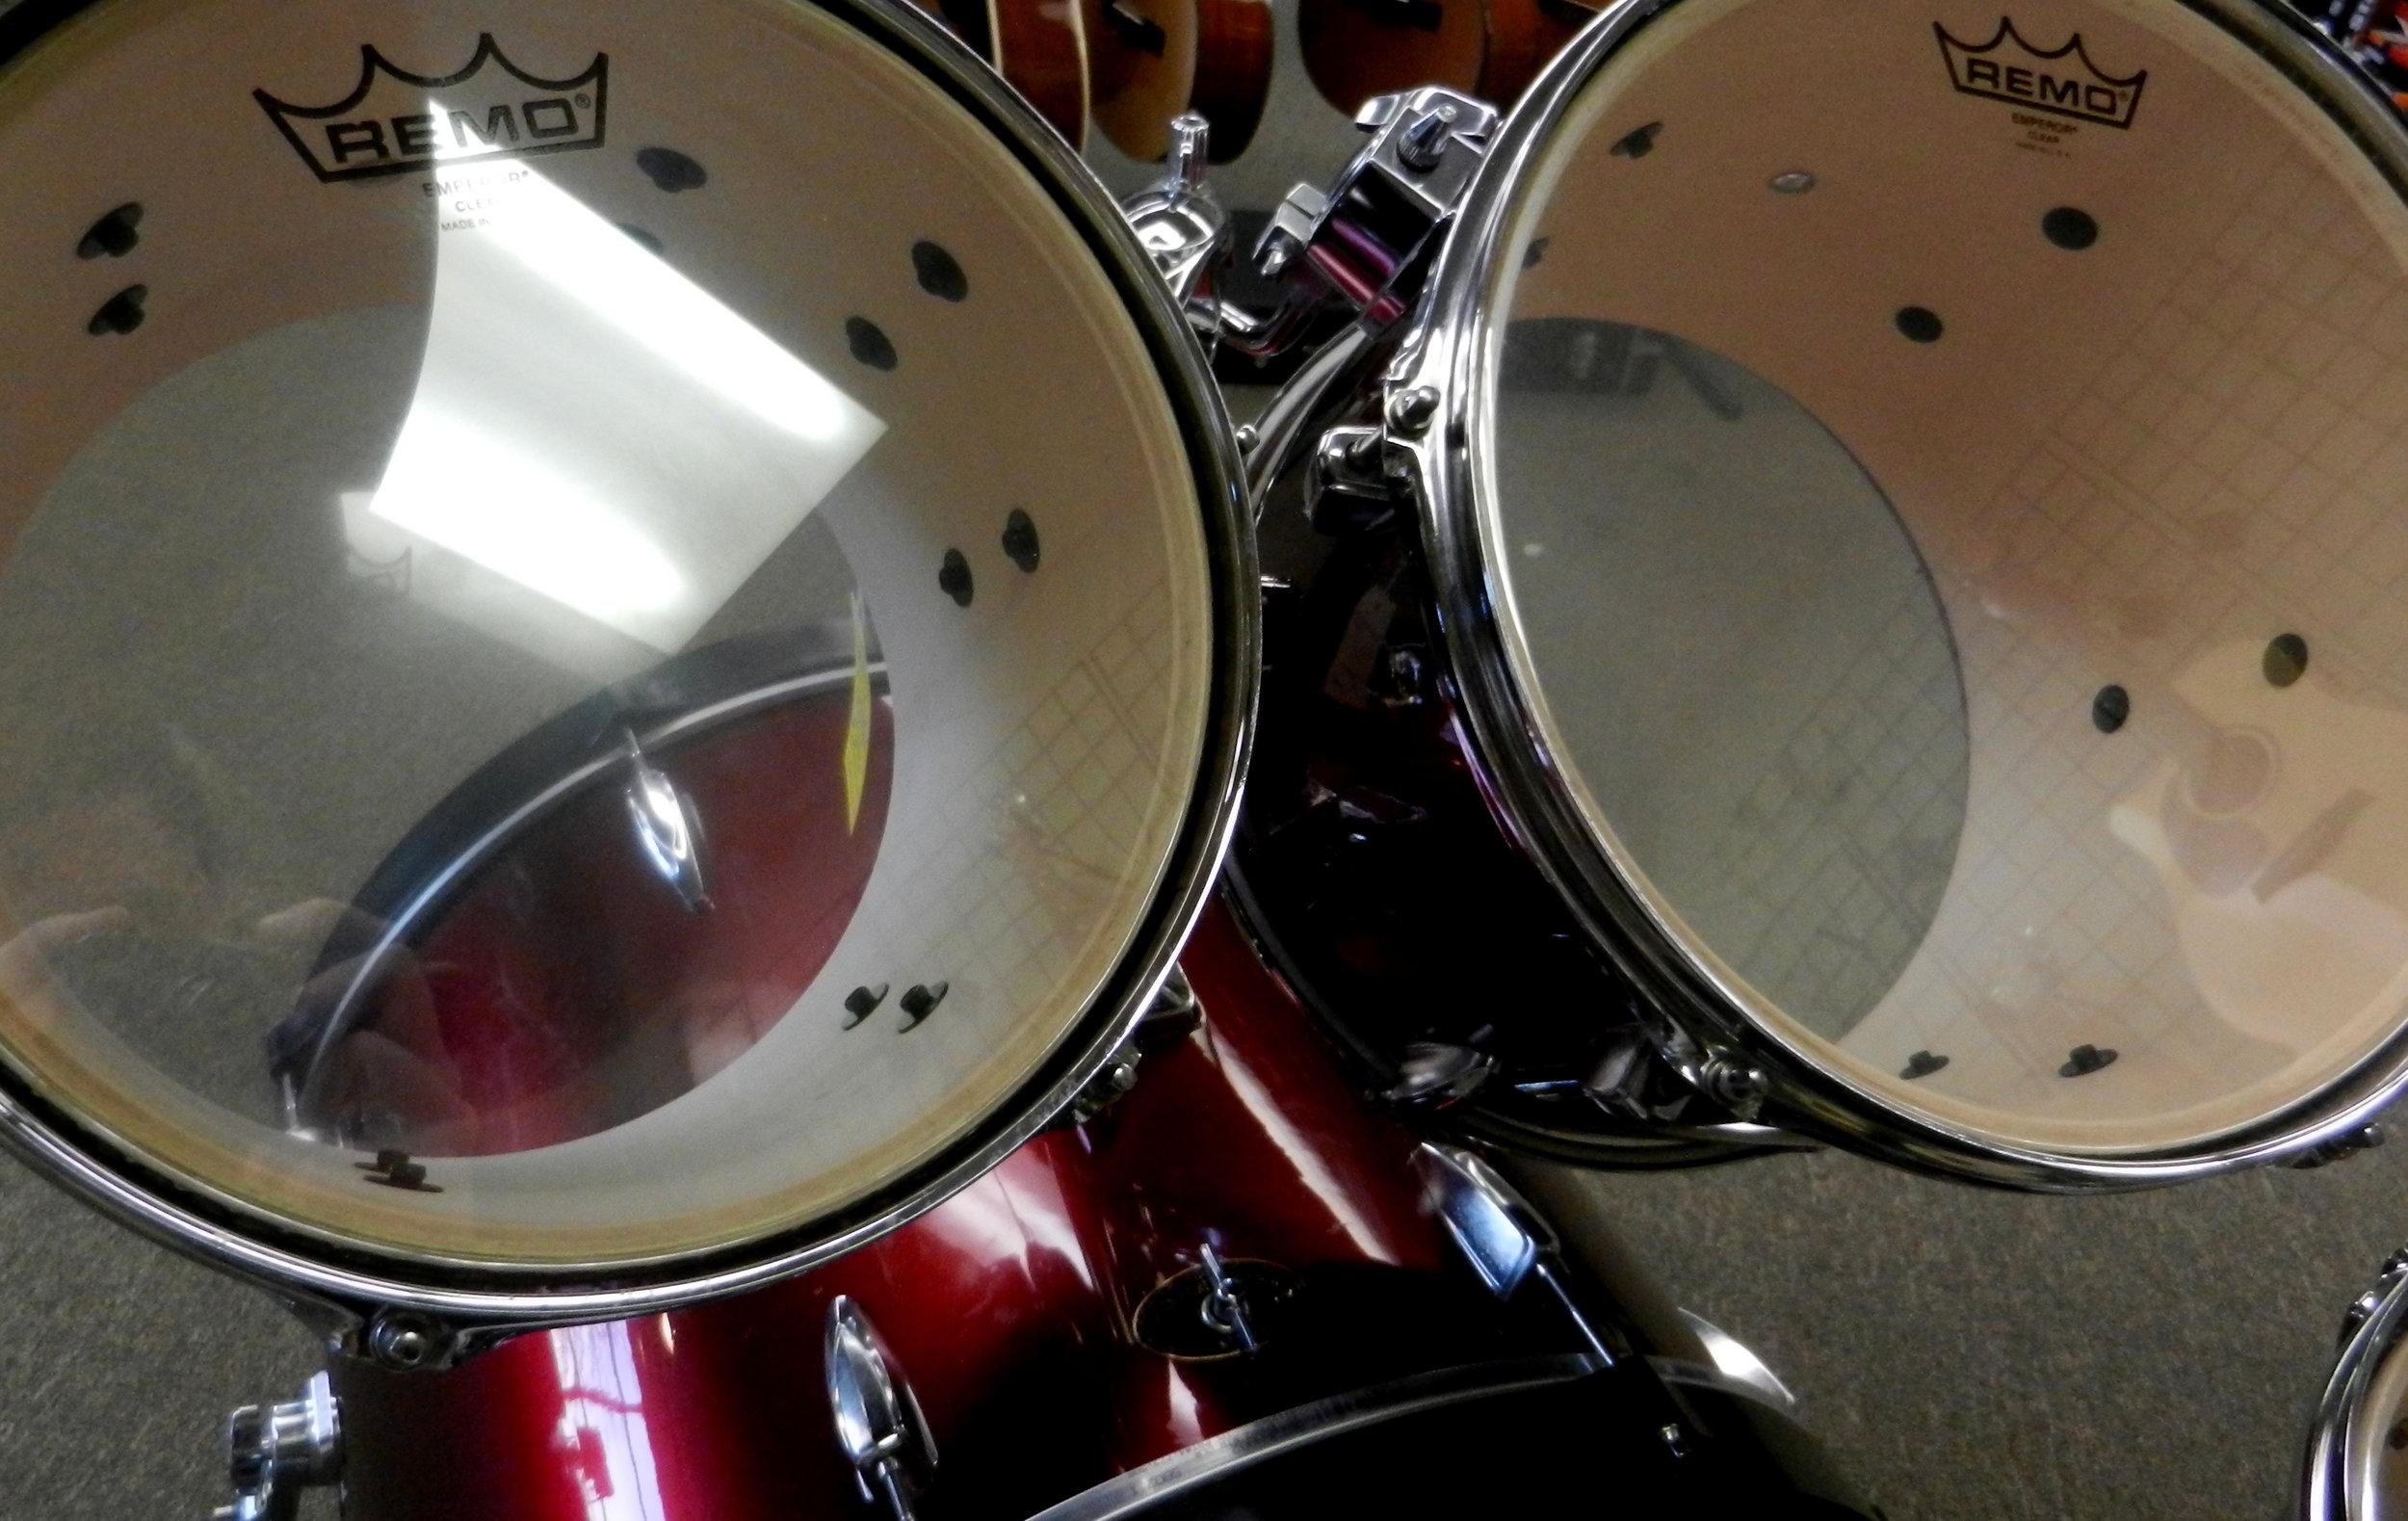 Used Tama Imperialstar Drum Set Heads.JPG